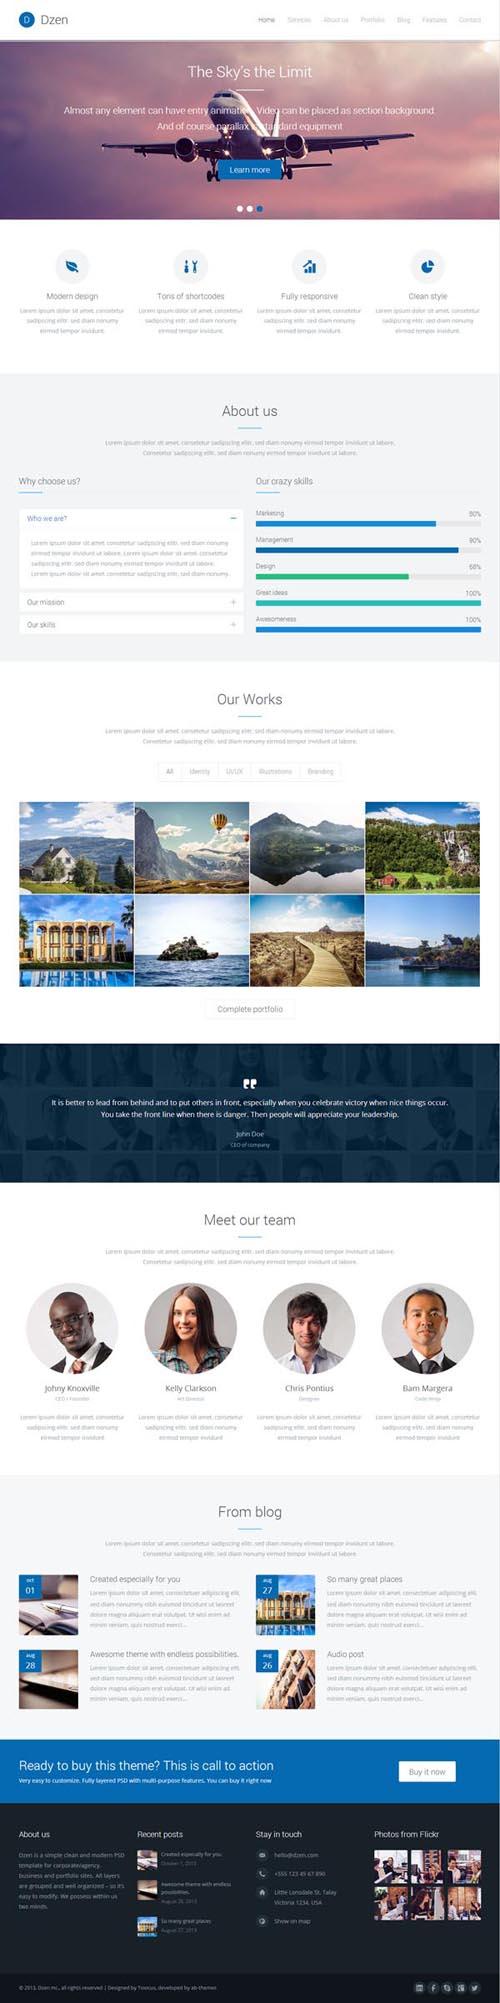 Бизнес тема на WordPress с html 5